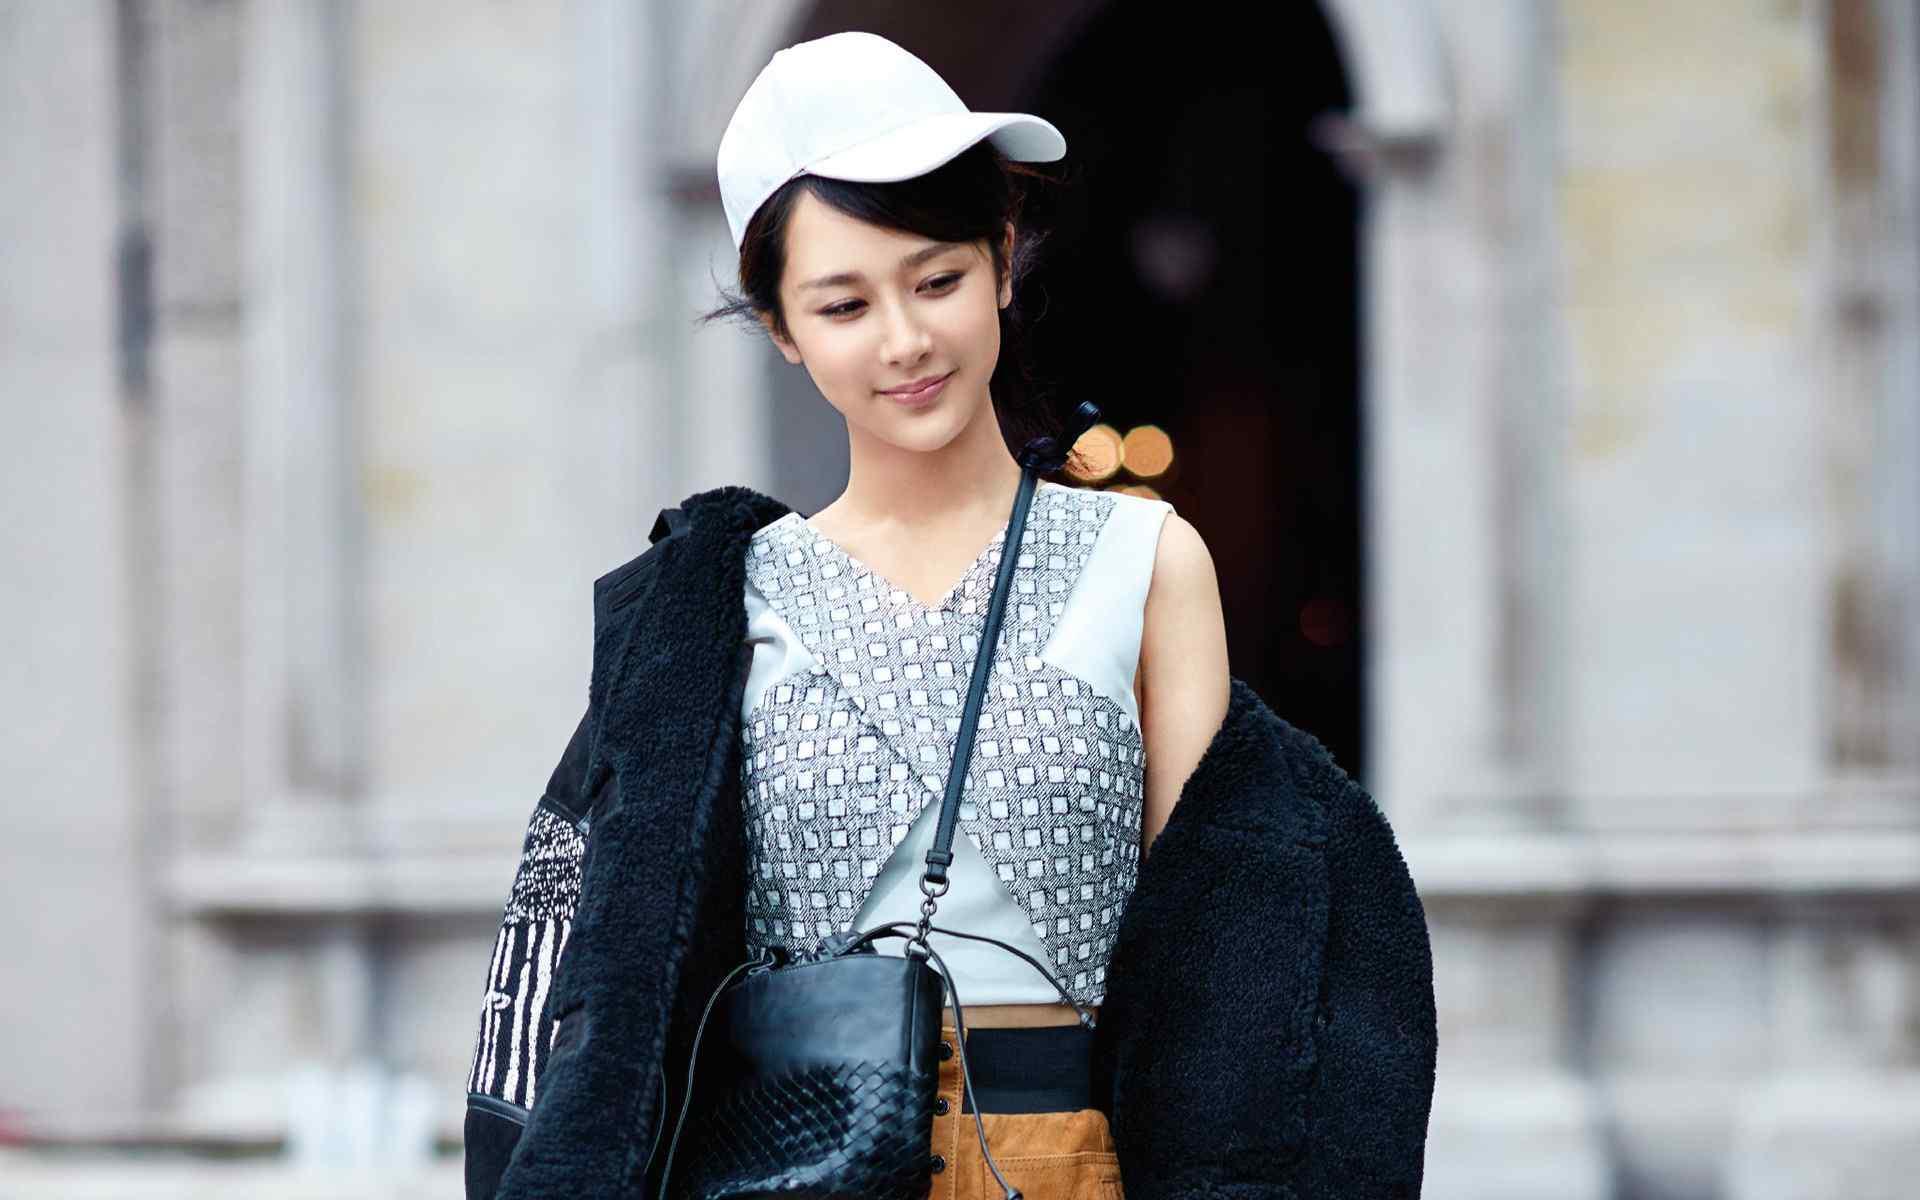 杨紫时尚性感街拍高清壁纸